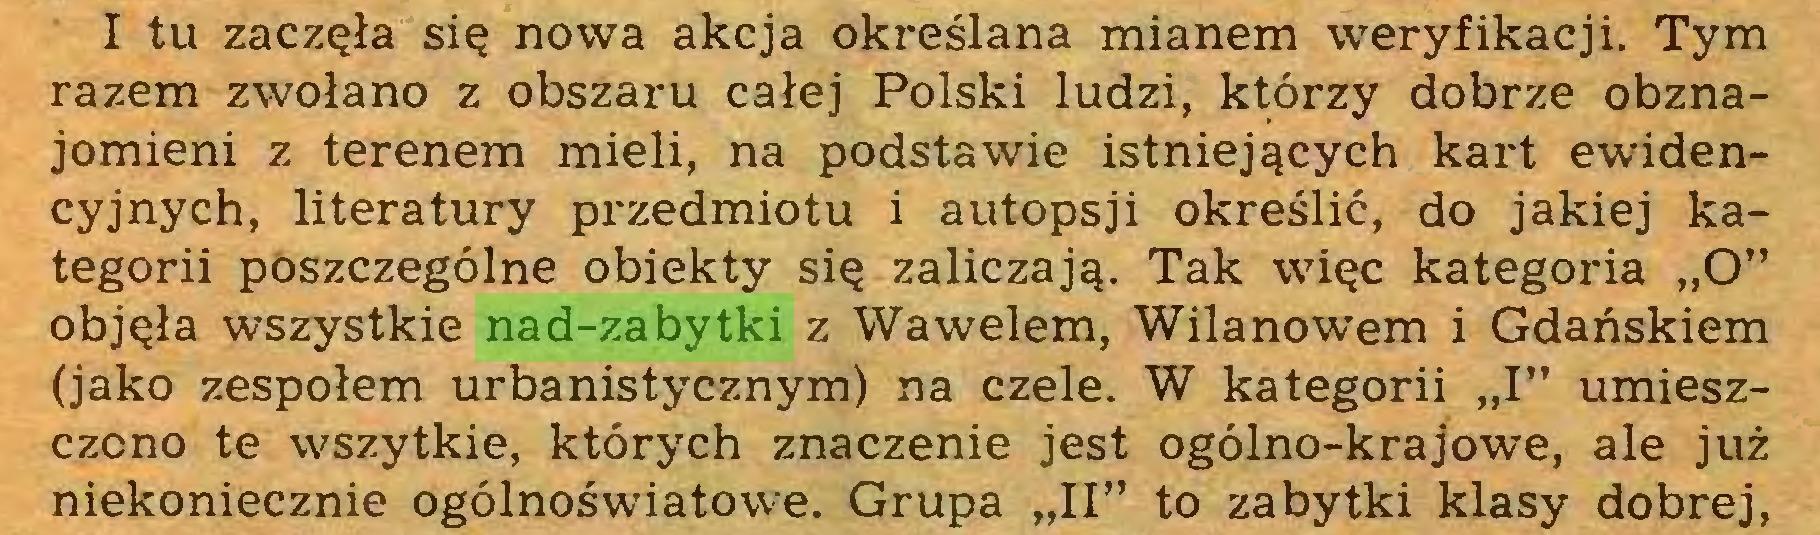 """(...) I tu zaczęła się nowa akcja określana mianem weryfikacji. Tym razem zwołano z obszaru całej Polski ludzi, którzy dobrze obznajomieni z terenem mieli, na podstawie istniejących kart ewidencyjnych, literatury przedmiotu i autopsji określić, do jakiej kategorii poszczególne obiekty się zaliczają. Tak więc kategoria """"O"""" objęła wszystkie nad-zabytki z Wawelem, Wilanowem i Gdańskiem (jako zespołem urbanistycznym) na czele. W kategorii """"I"""" umieszczono te wszytkie, których znaczenie jest ogólno-krajowe, ale już niekoniecznie ogólnoświatowe. Grupa """"II"""" to zabytki klasy dobrej,..."""